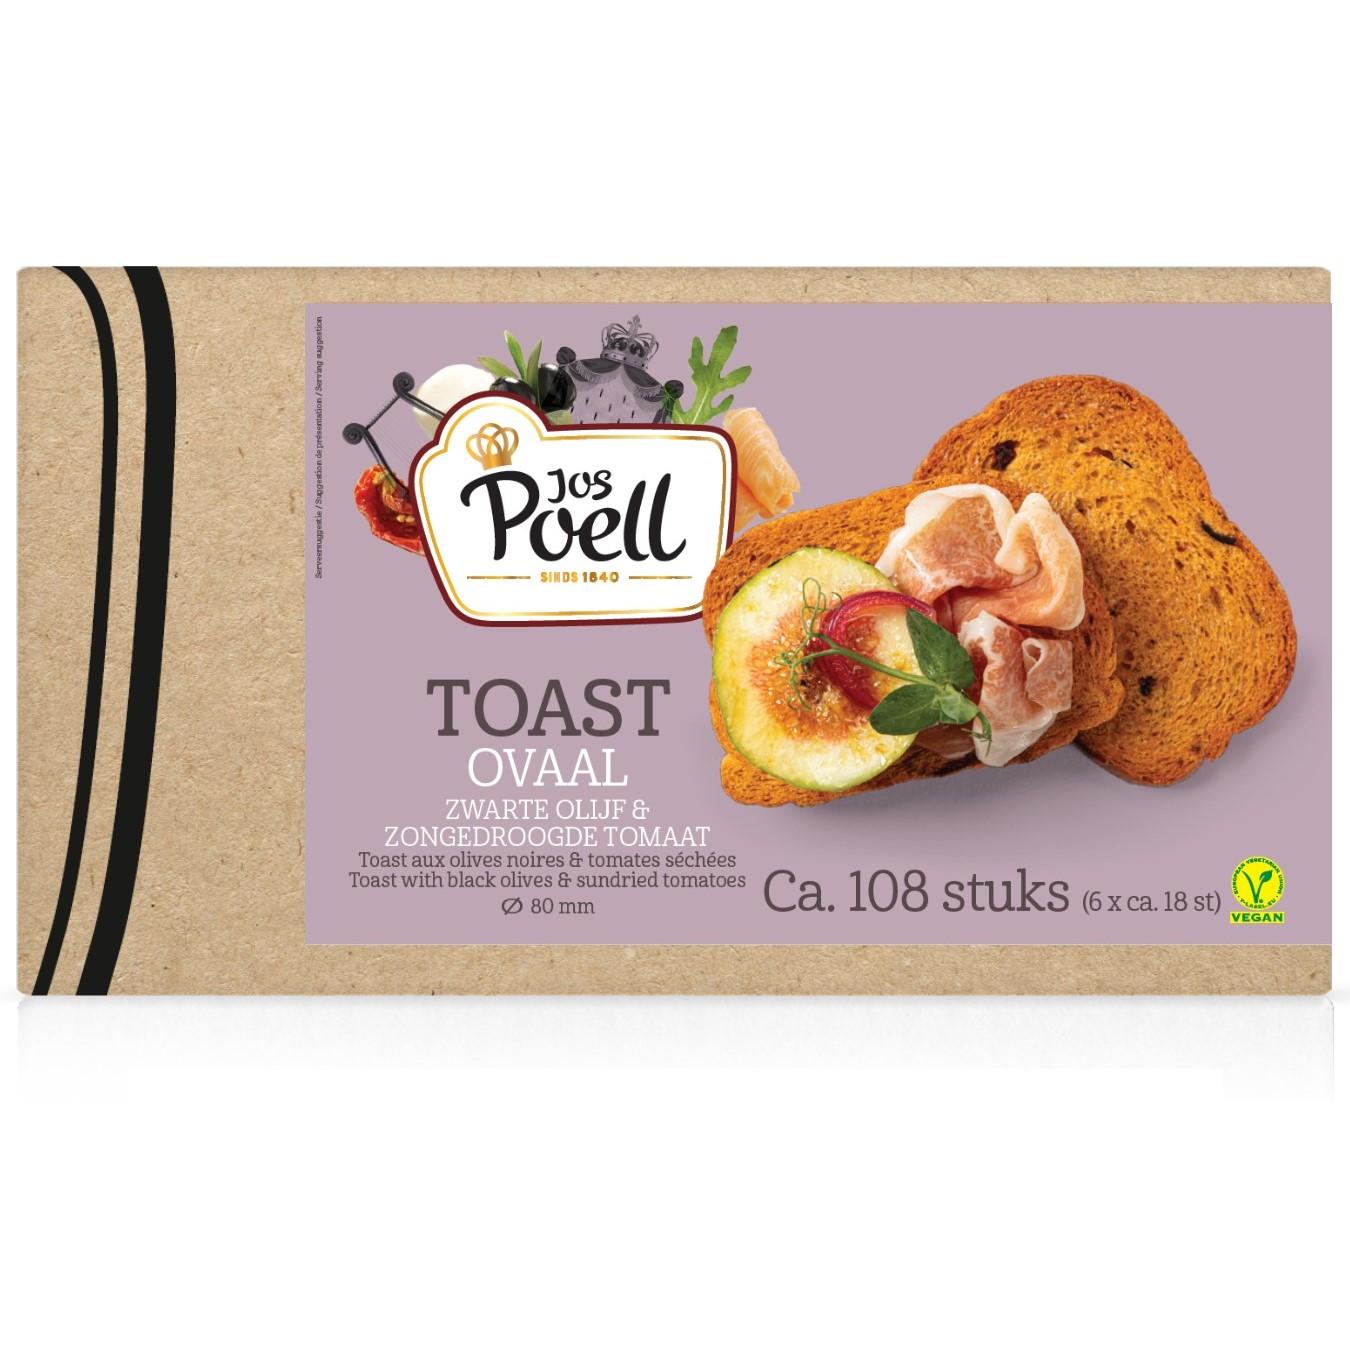 Toast – Horeca Toast ovaal zwarte olijf & zongedroogde tomaat 108 stuks